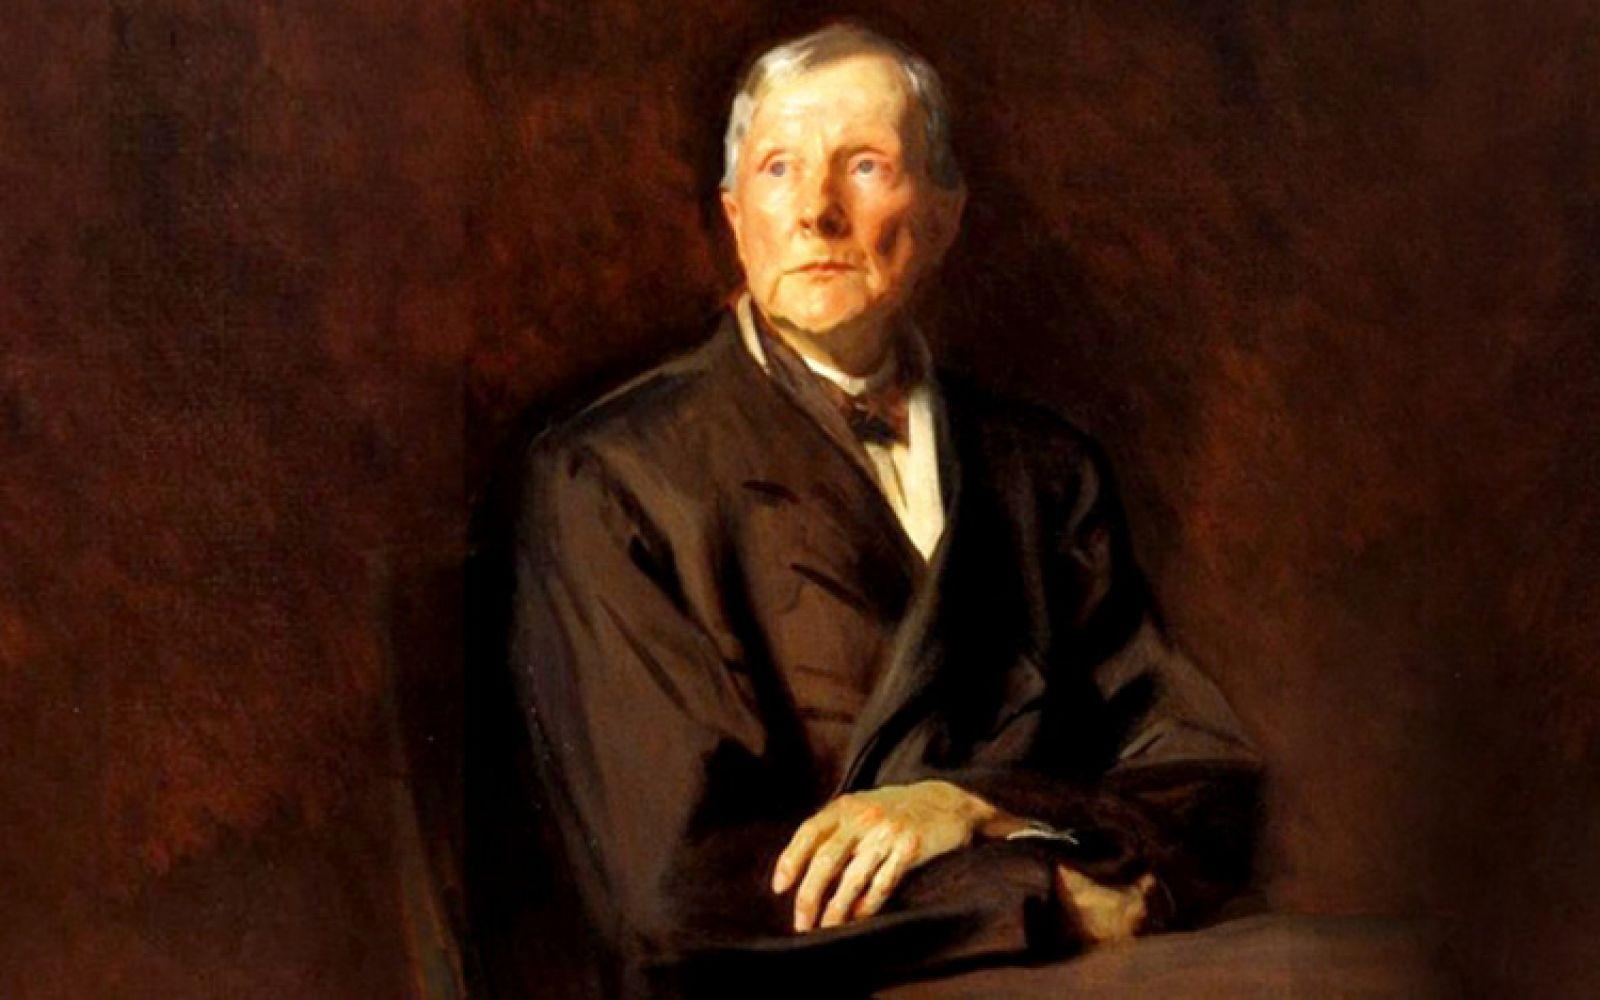 Triết lý thành công của ông vua dầu mỏ John D. Rockefeller. Ảnh: History